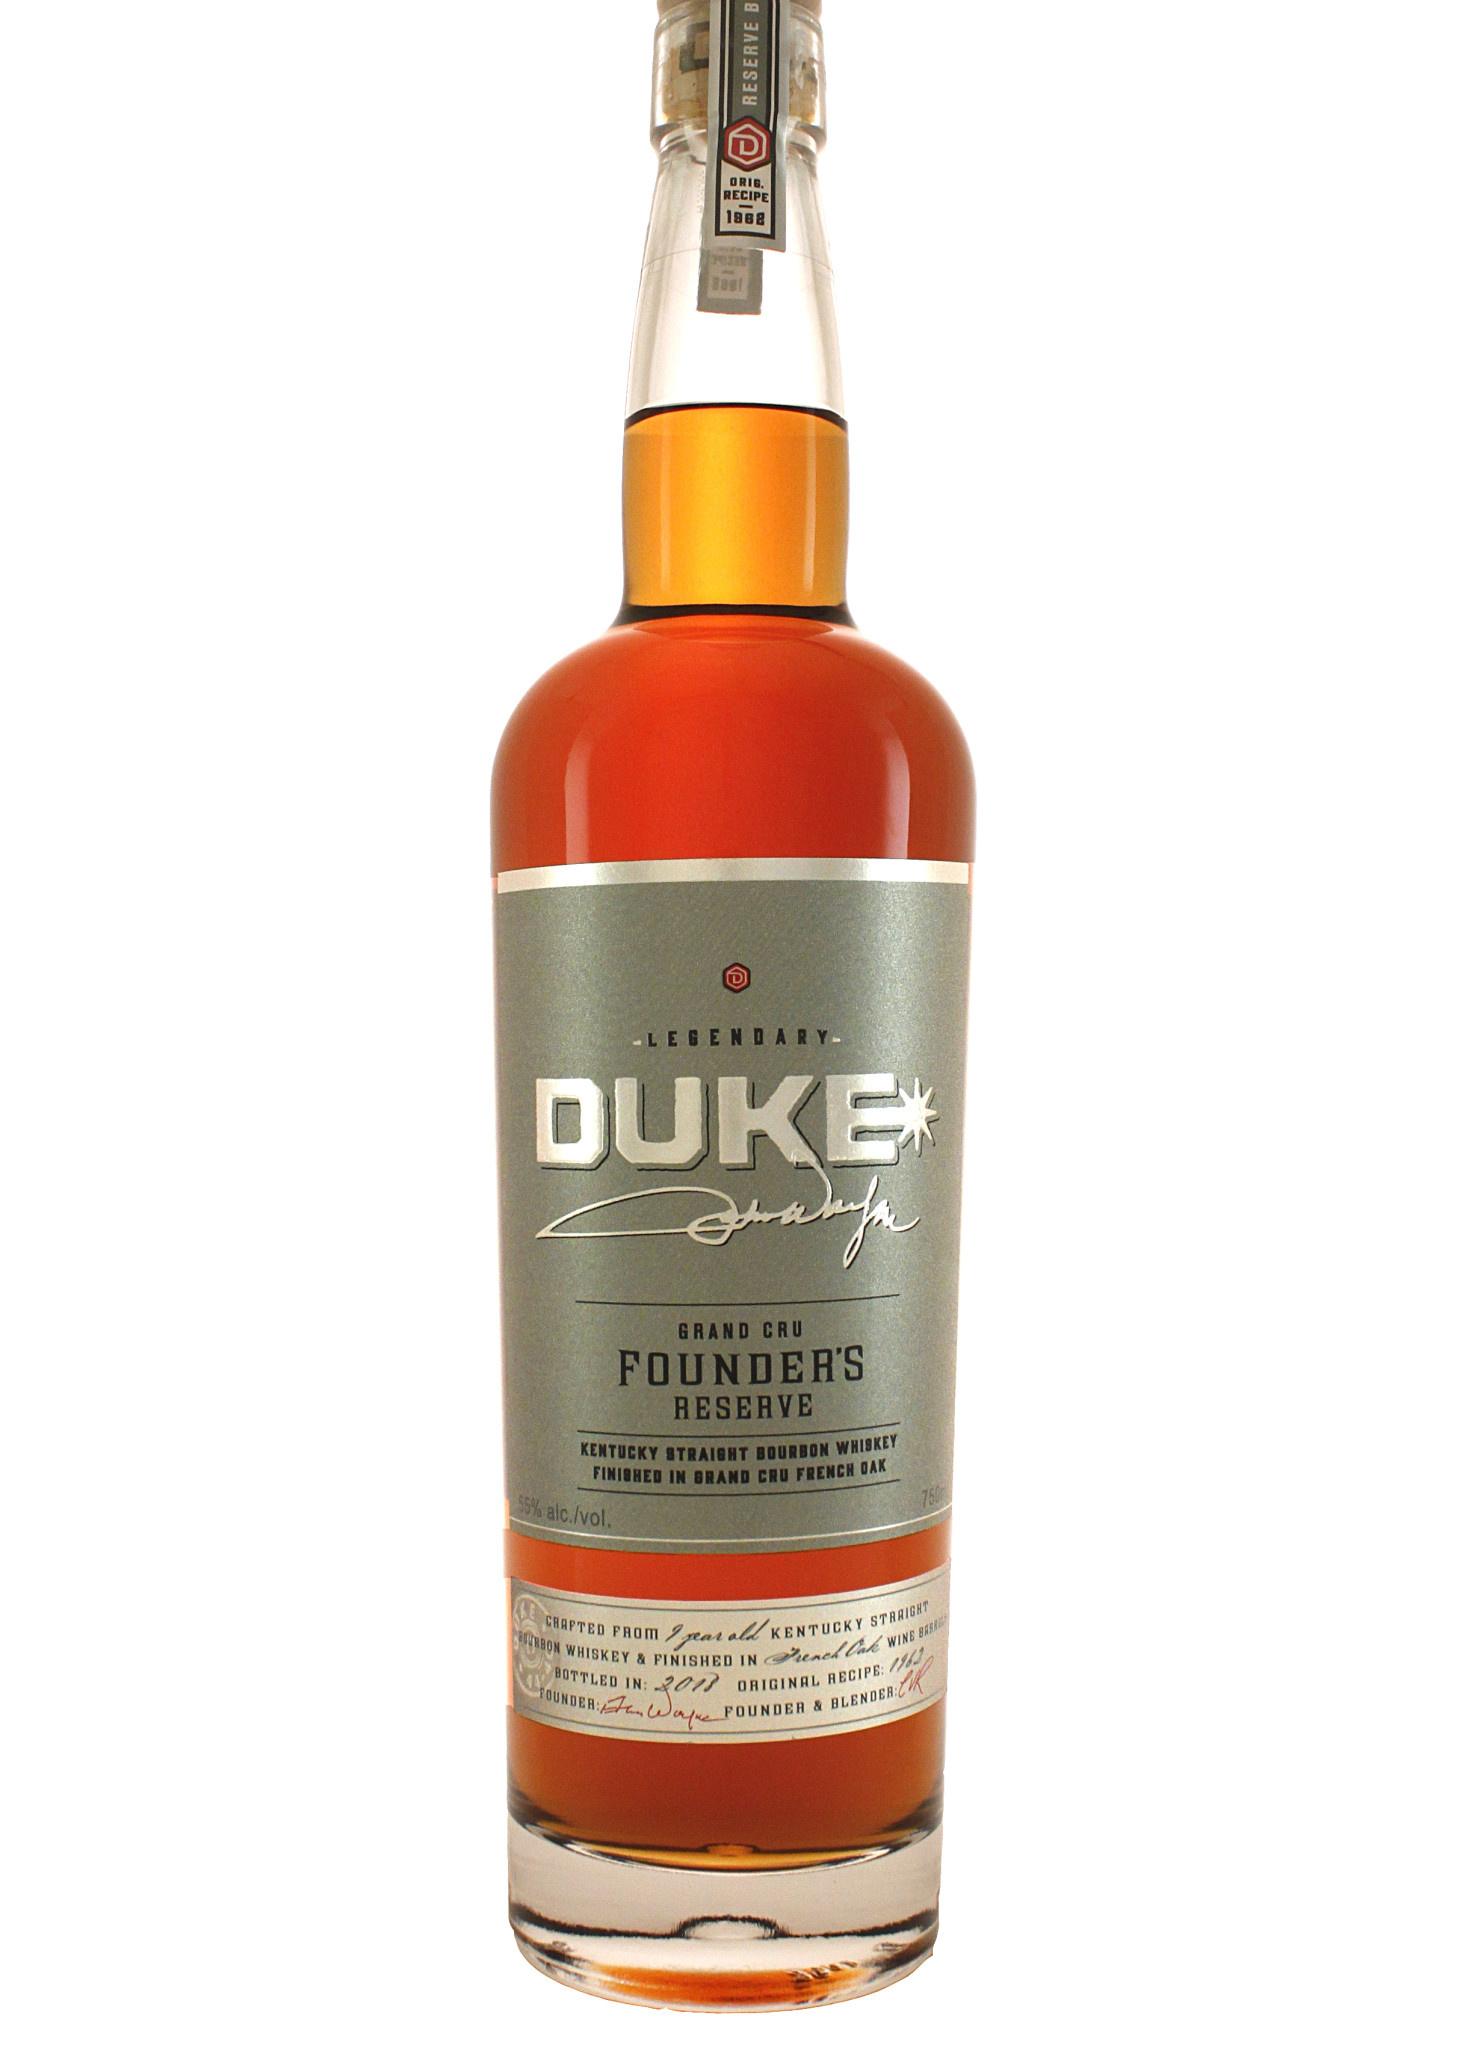 Duke Grand Cru Founder's Reserve Kentucky Straight Bourbon Whiskey